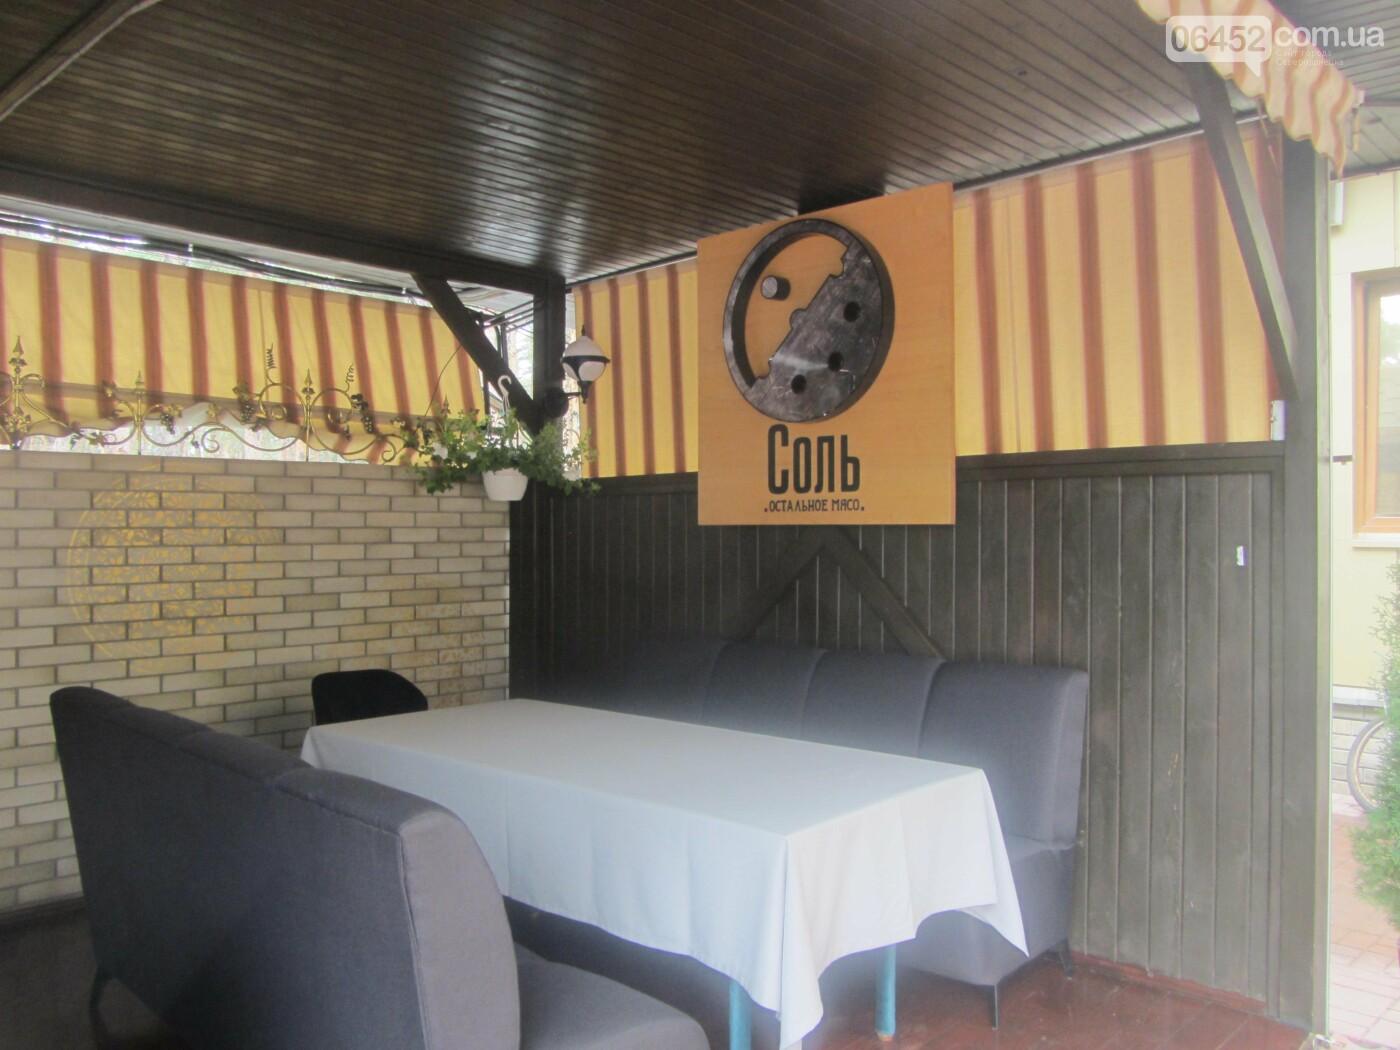 Как изменился интерьер в «Golden Palace» с переездом ресторана «Соль. Остальное мясо», фото-11